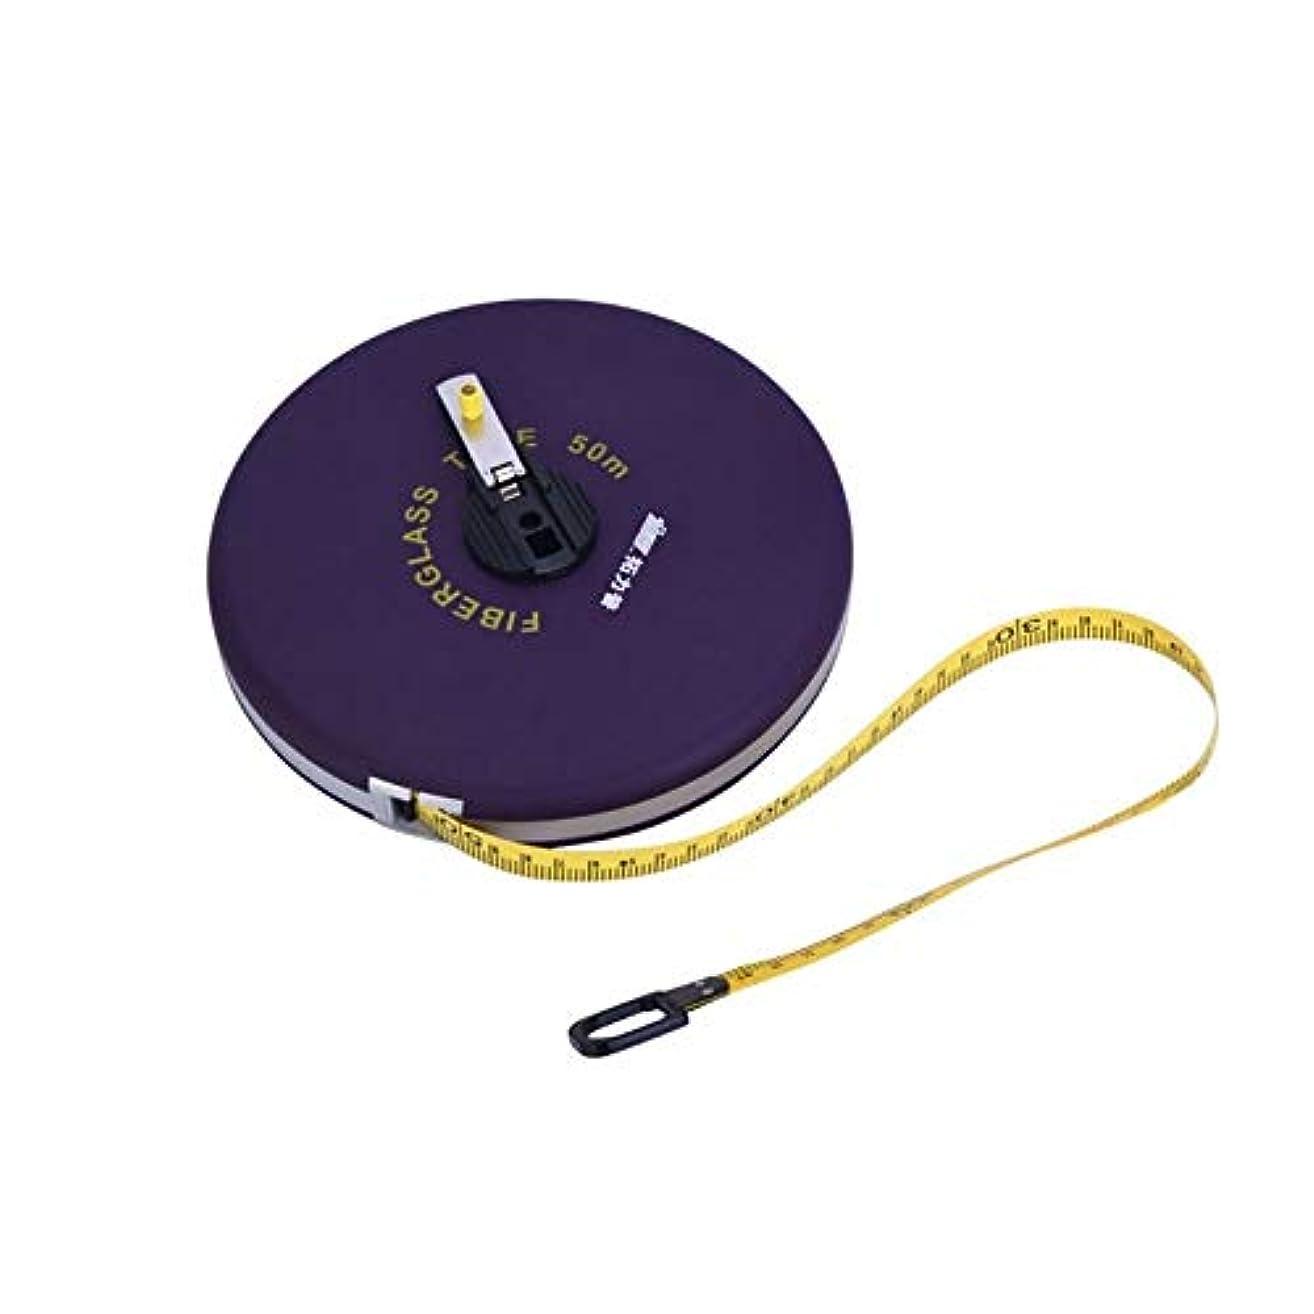 浸漬葉を拾うアグネスグレイYVCHEN 50メートルファイバールーラー、ディスクスキンメジャー、伸縮定規、定規ボックス巻き尺、道路建設エンジニアリング測定ツール、 (Size : 50 meters)